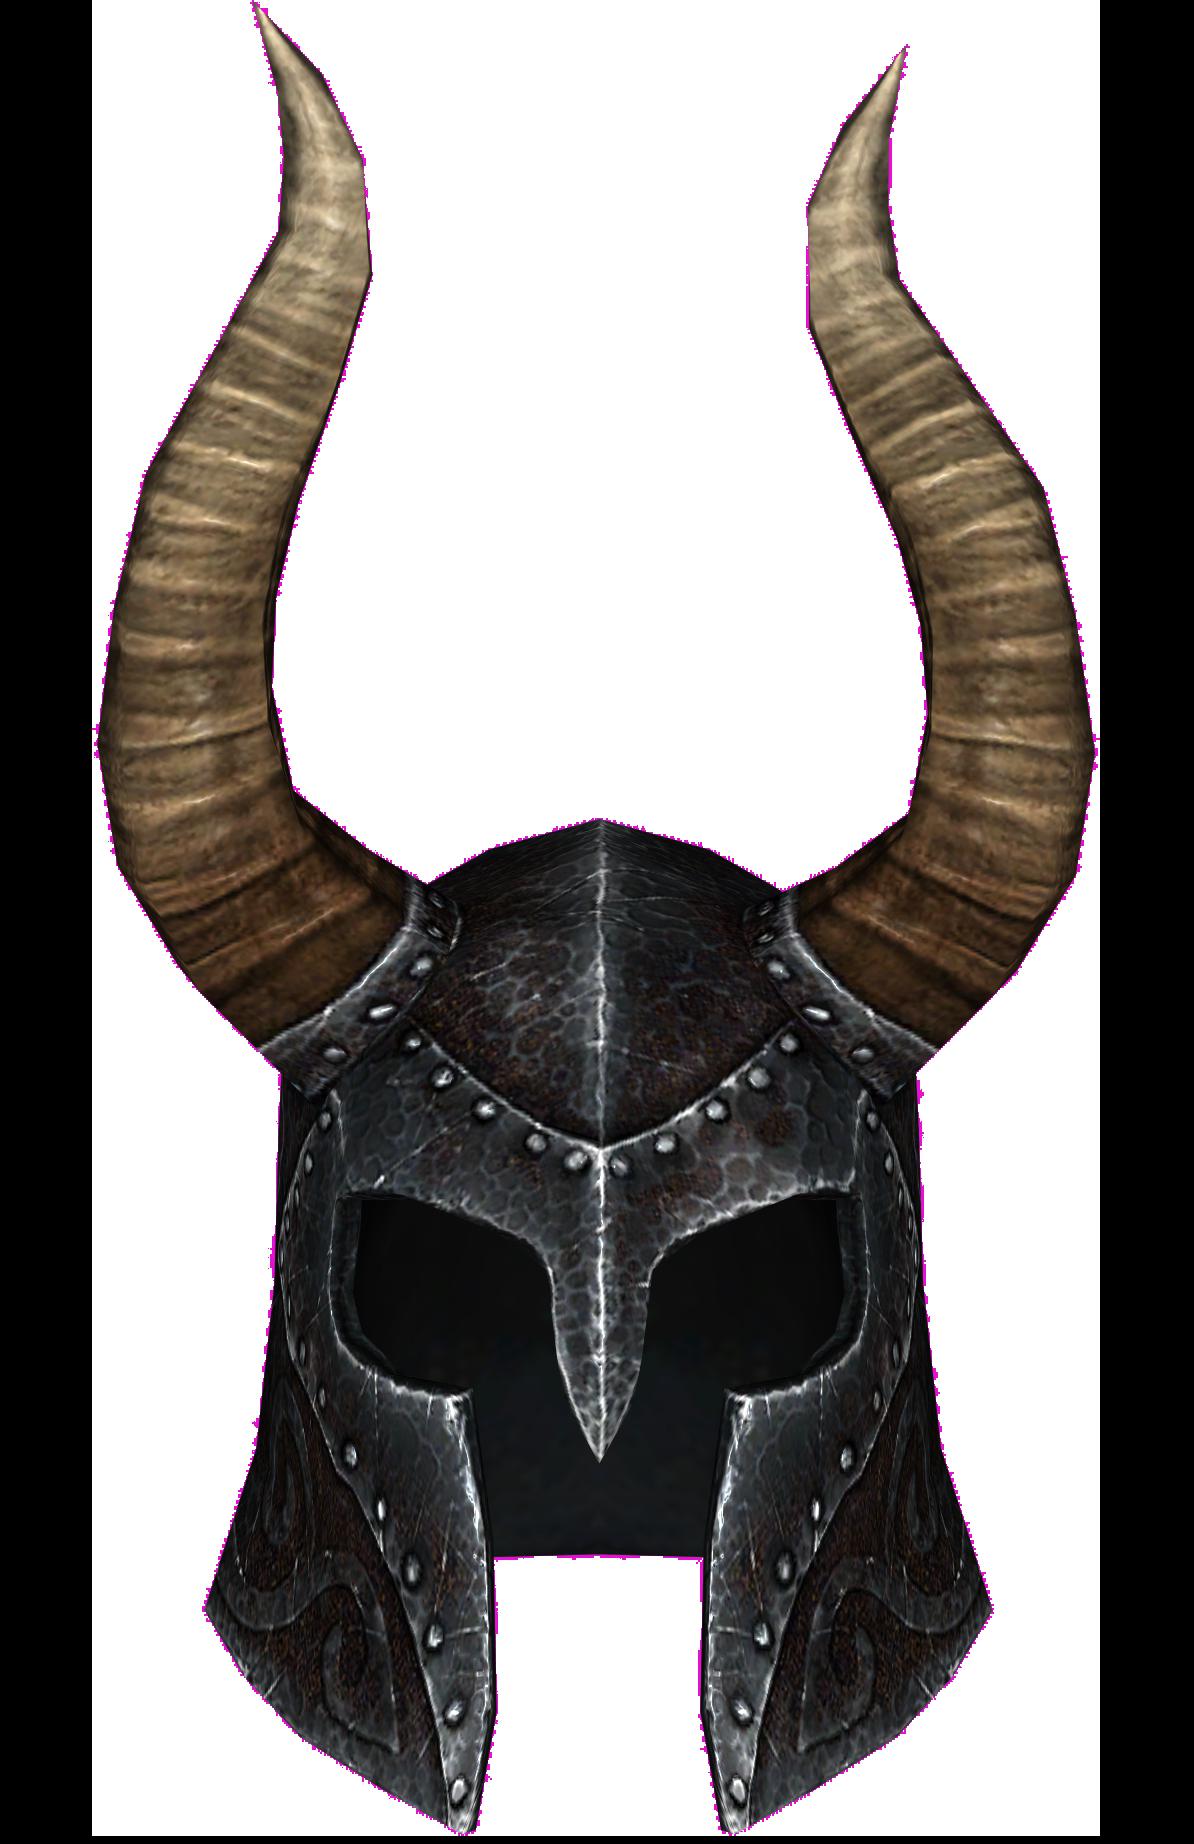 Image helm of yngol. Skyrim helmet png